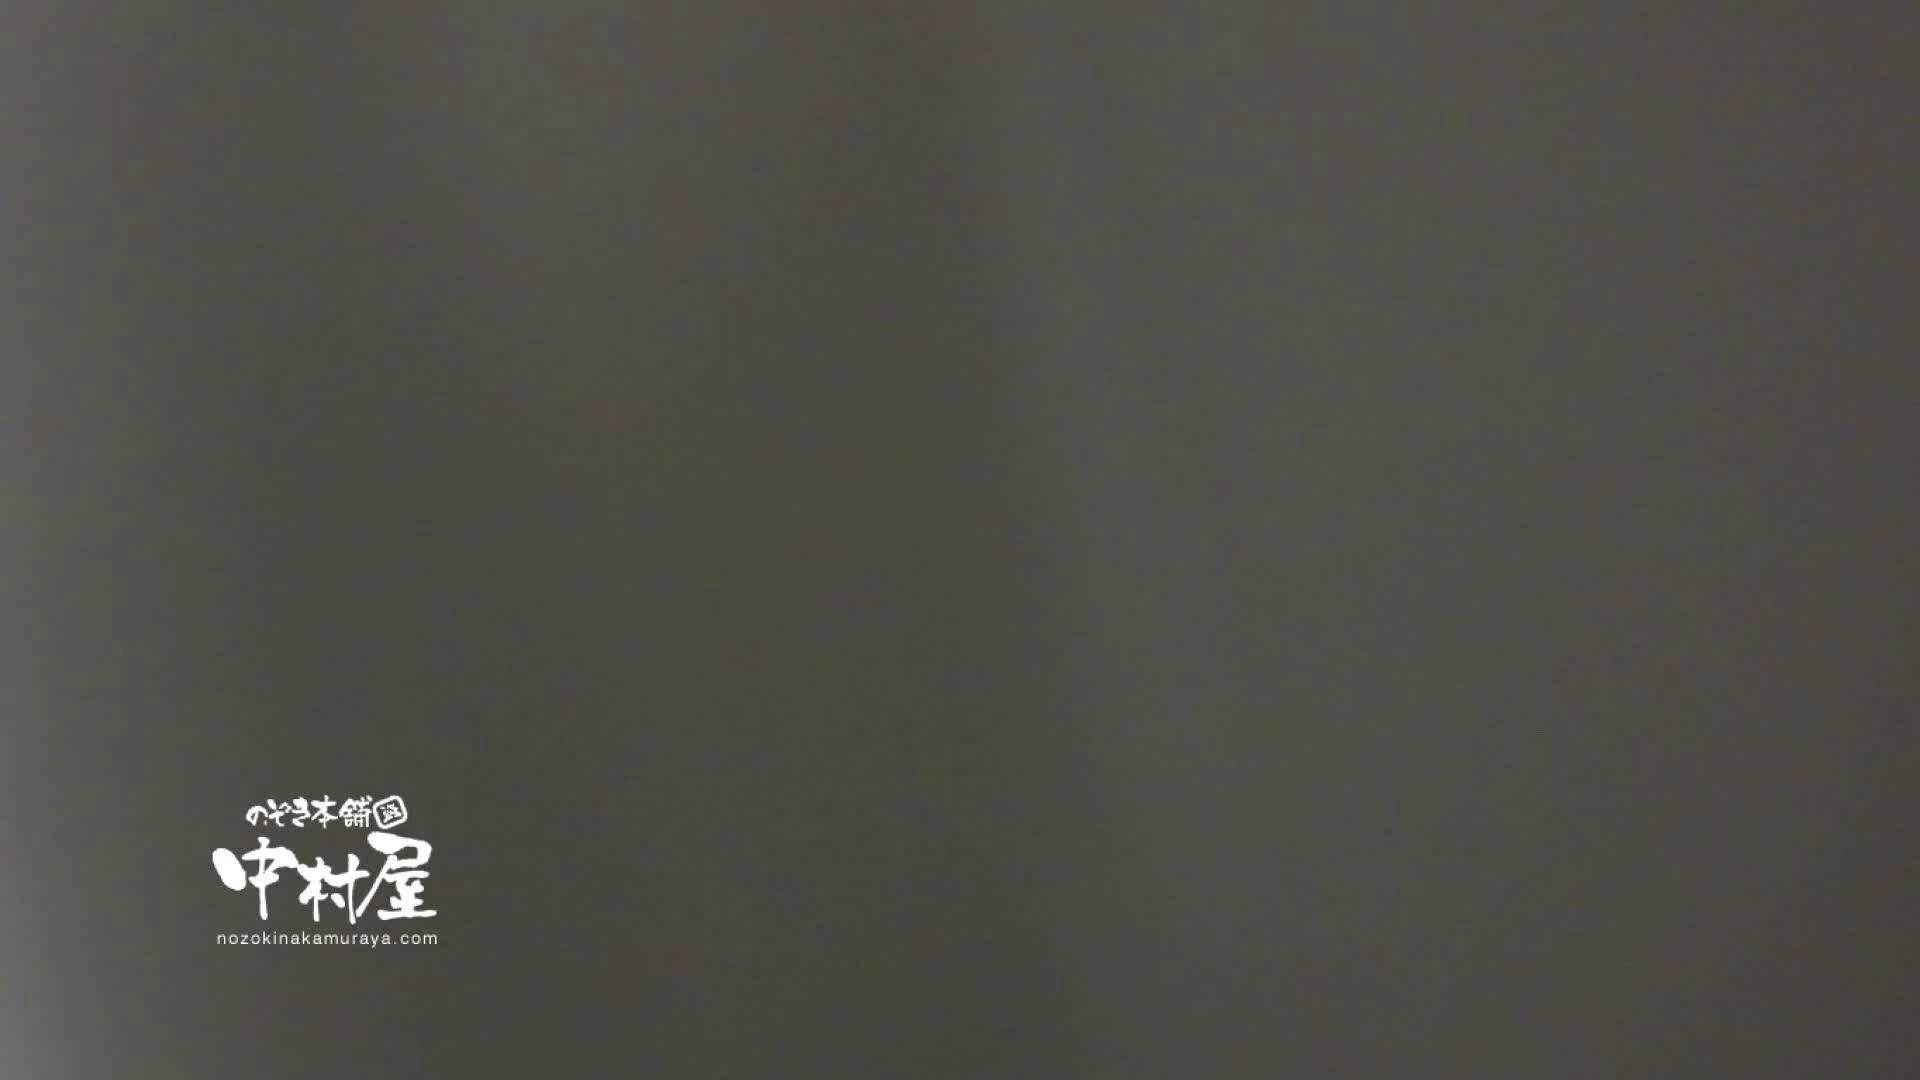 鬼畜 vol.07 パイパンだと?!中出ししてやる! 後編 中出し のぞきおめこ無修正画像 84連発 66